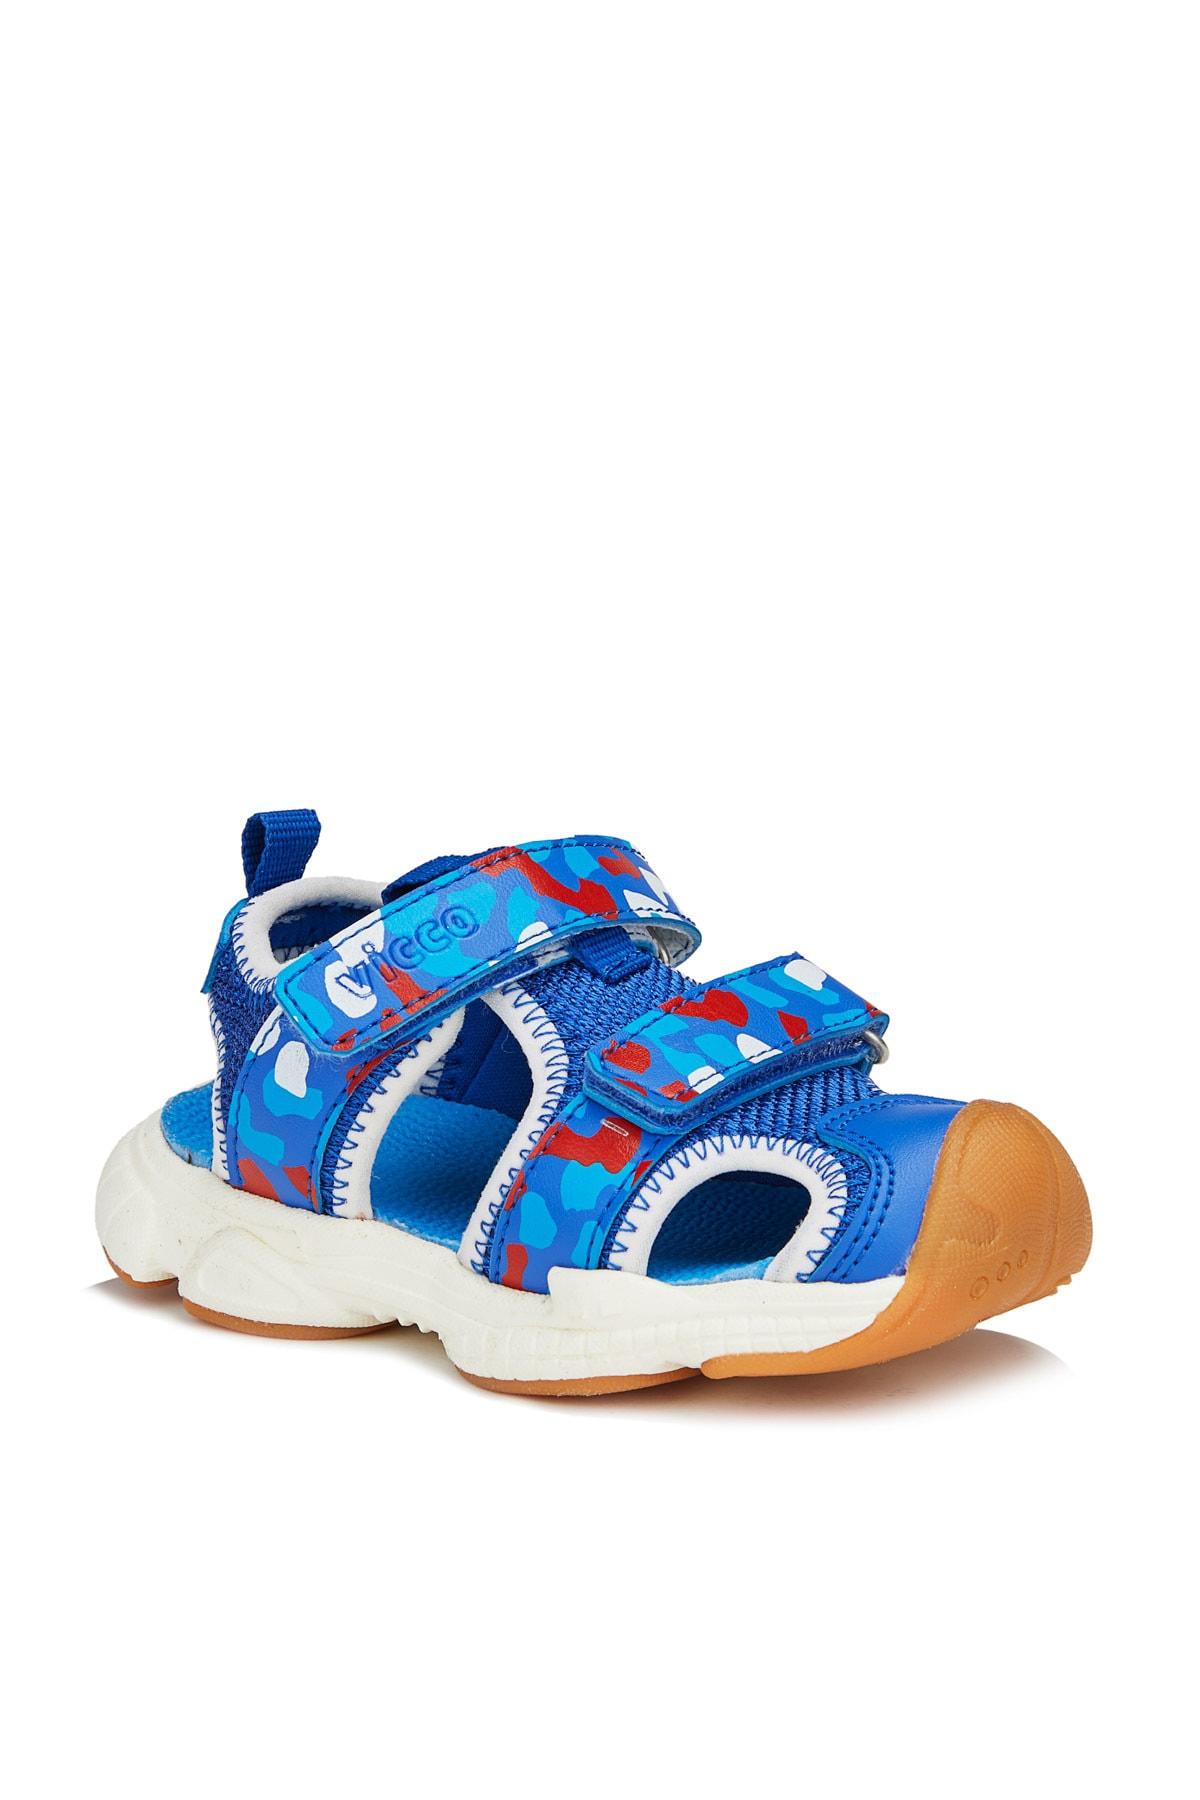 Leo Hafif Erkek Bebe Saks Mavi Sandalet